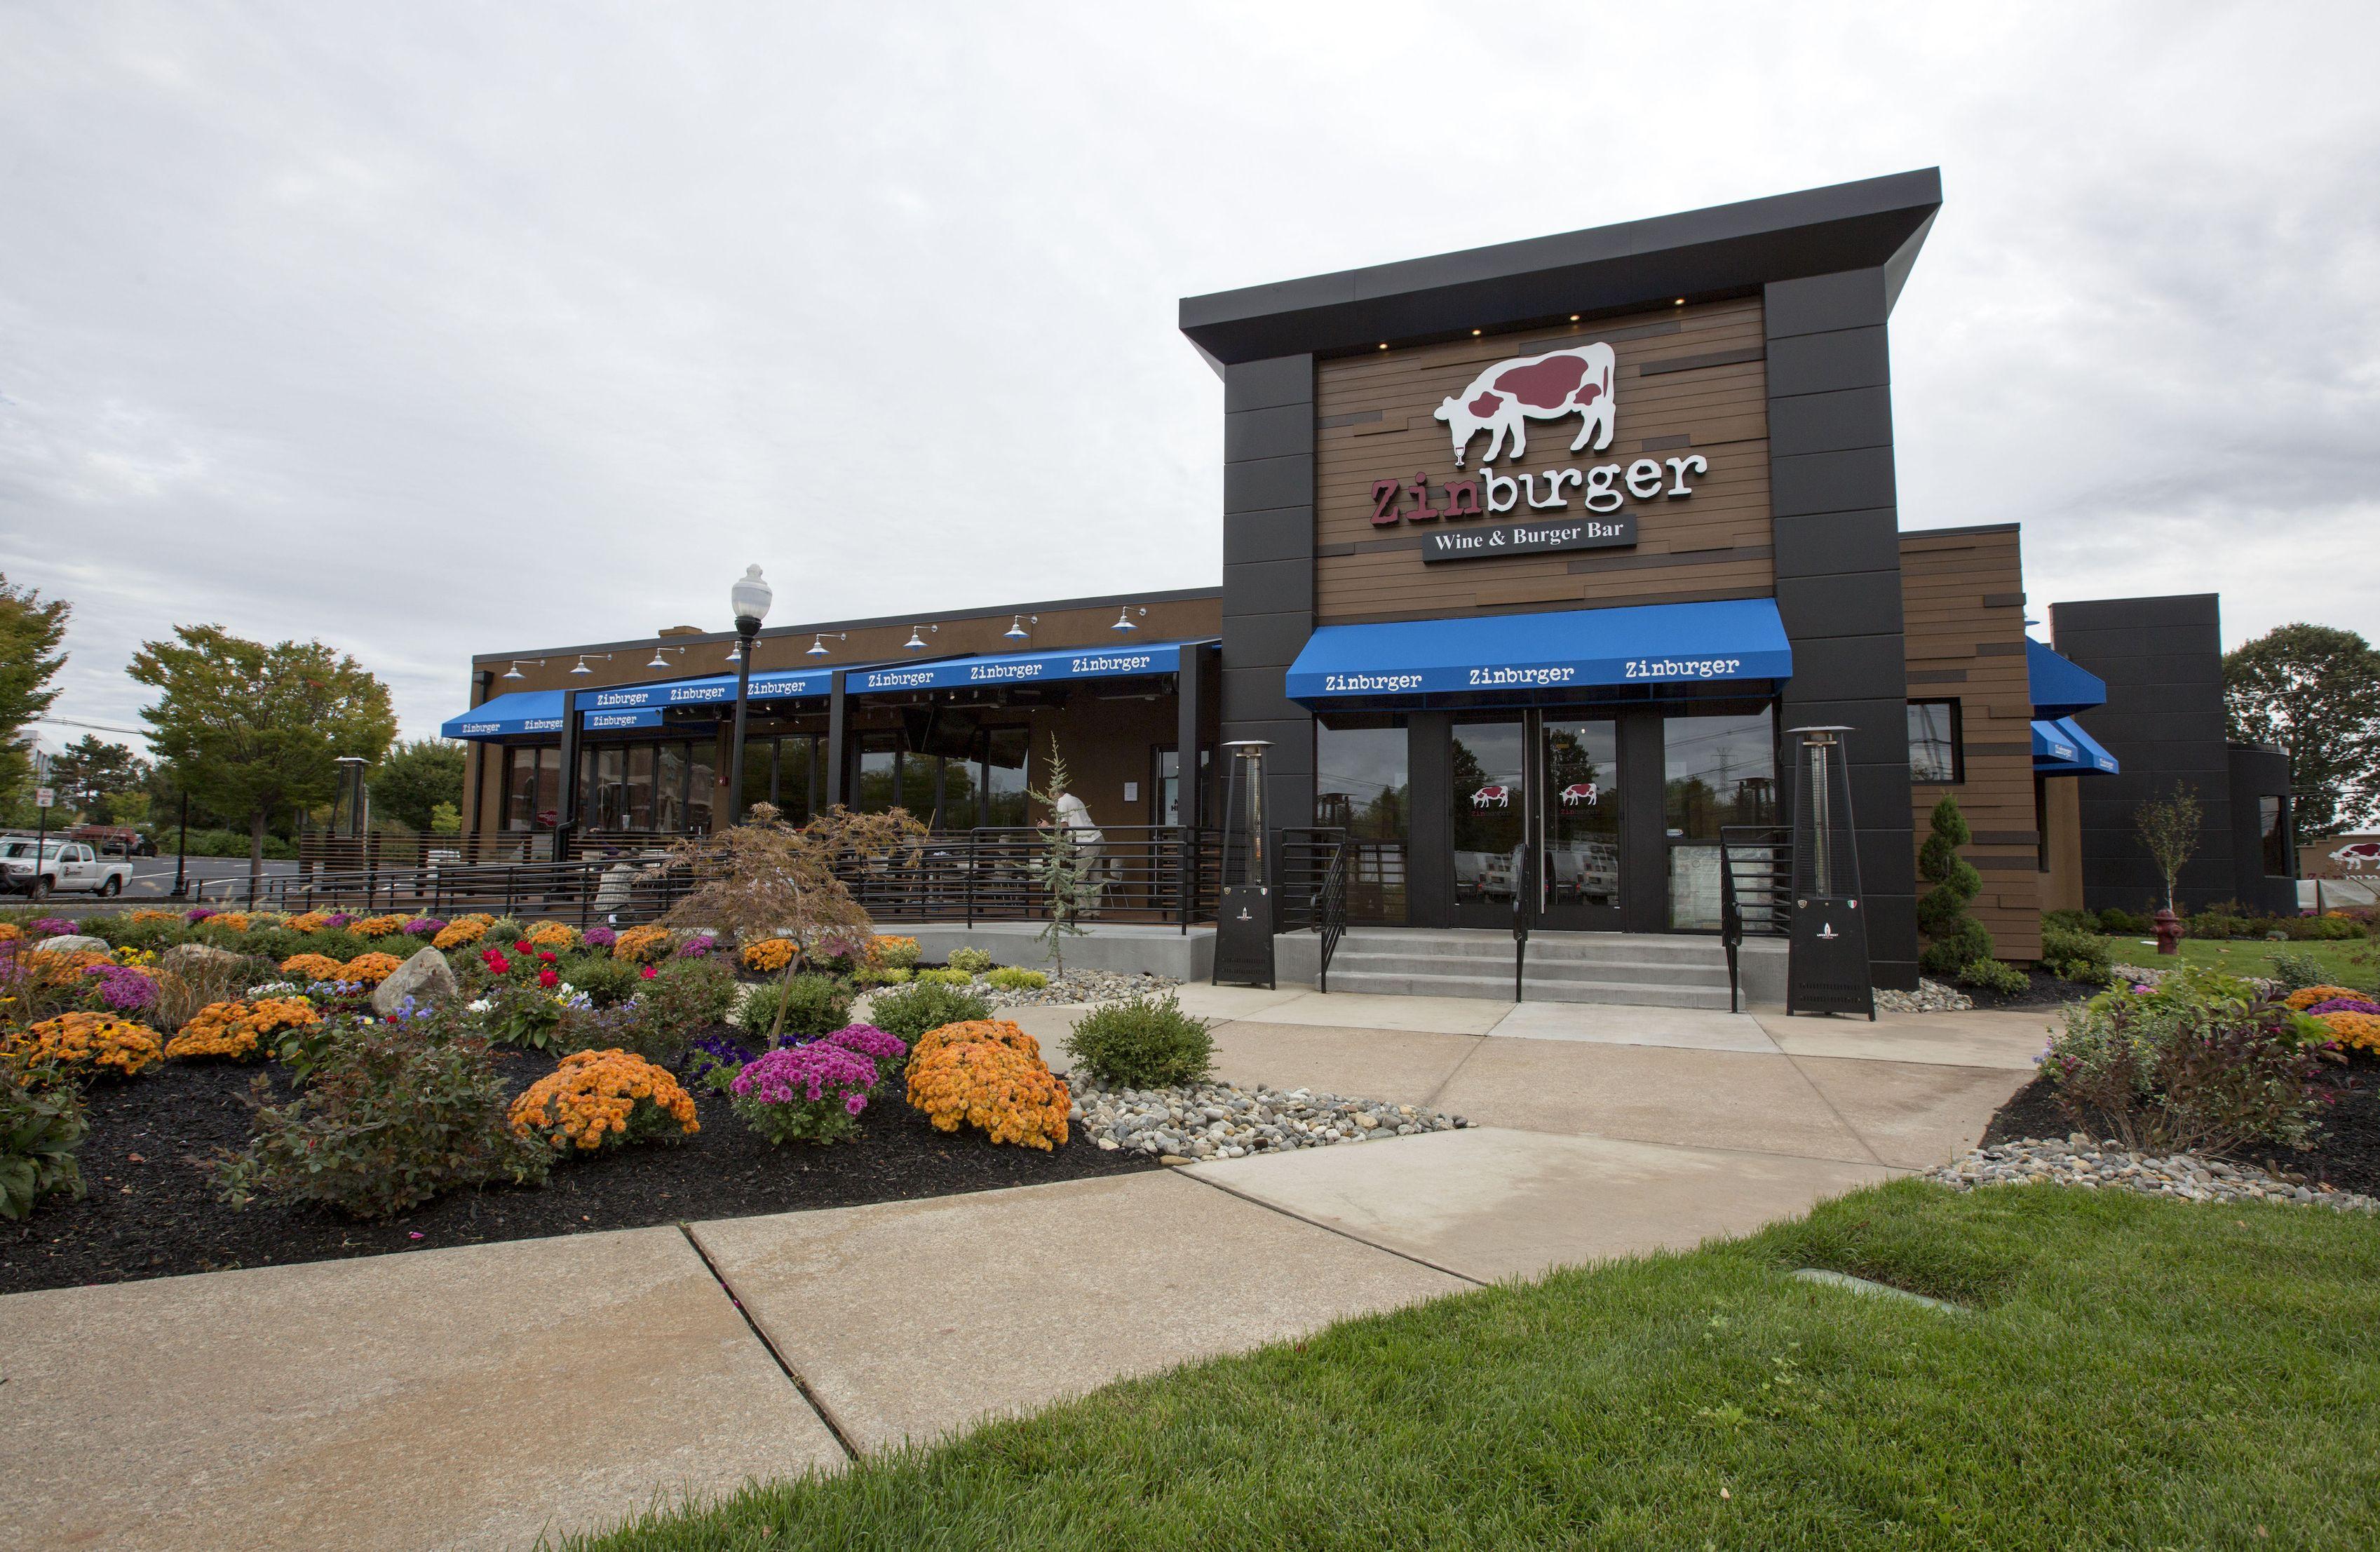 ZinBurger Wine & Burger Bar